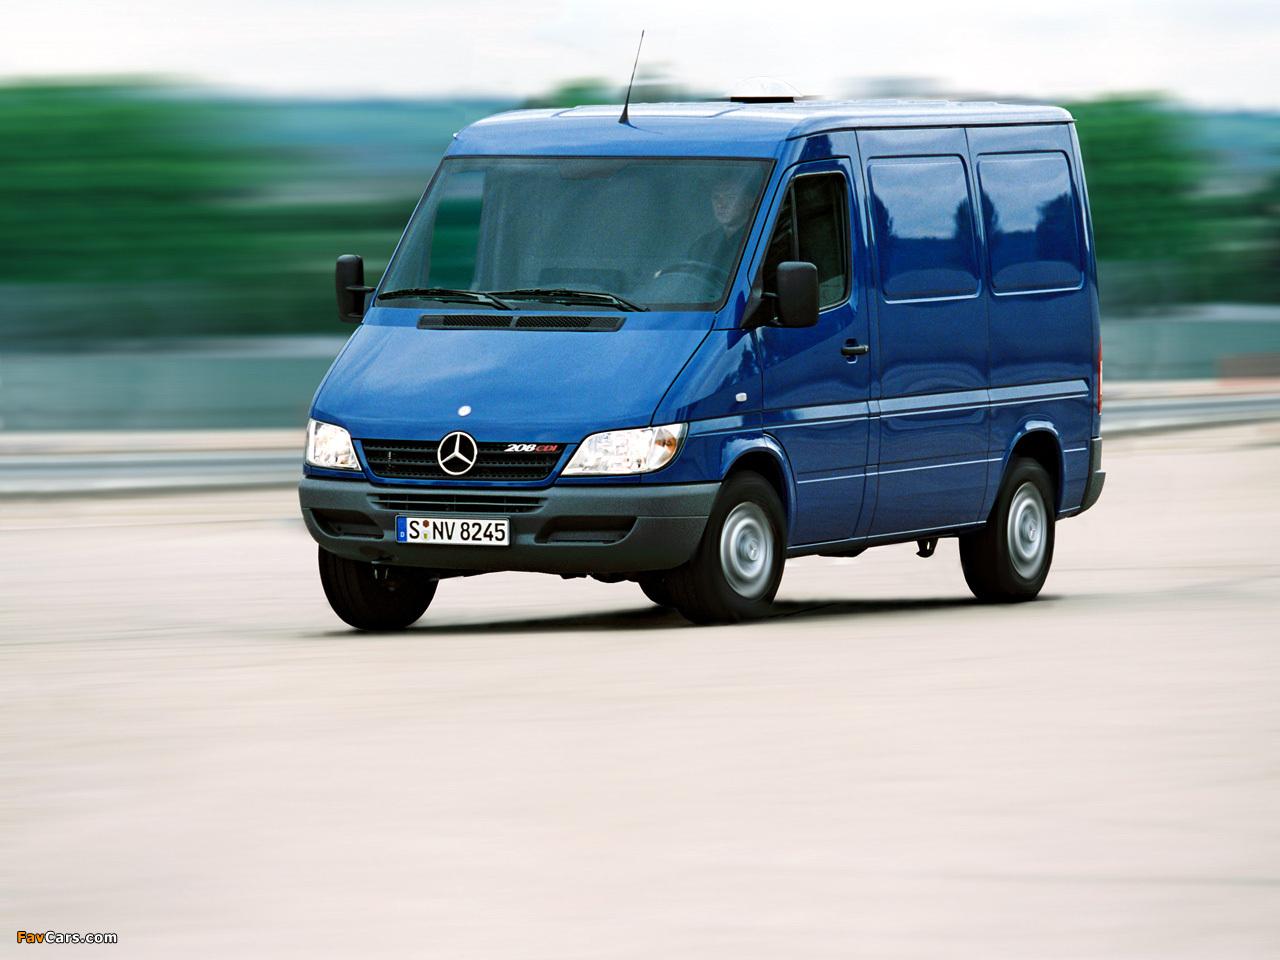 Mercedes Benz Sprinter Van 2000 06 Wallpapers 1280x960